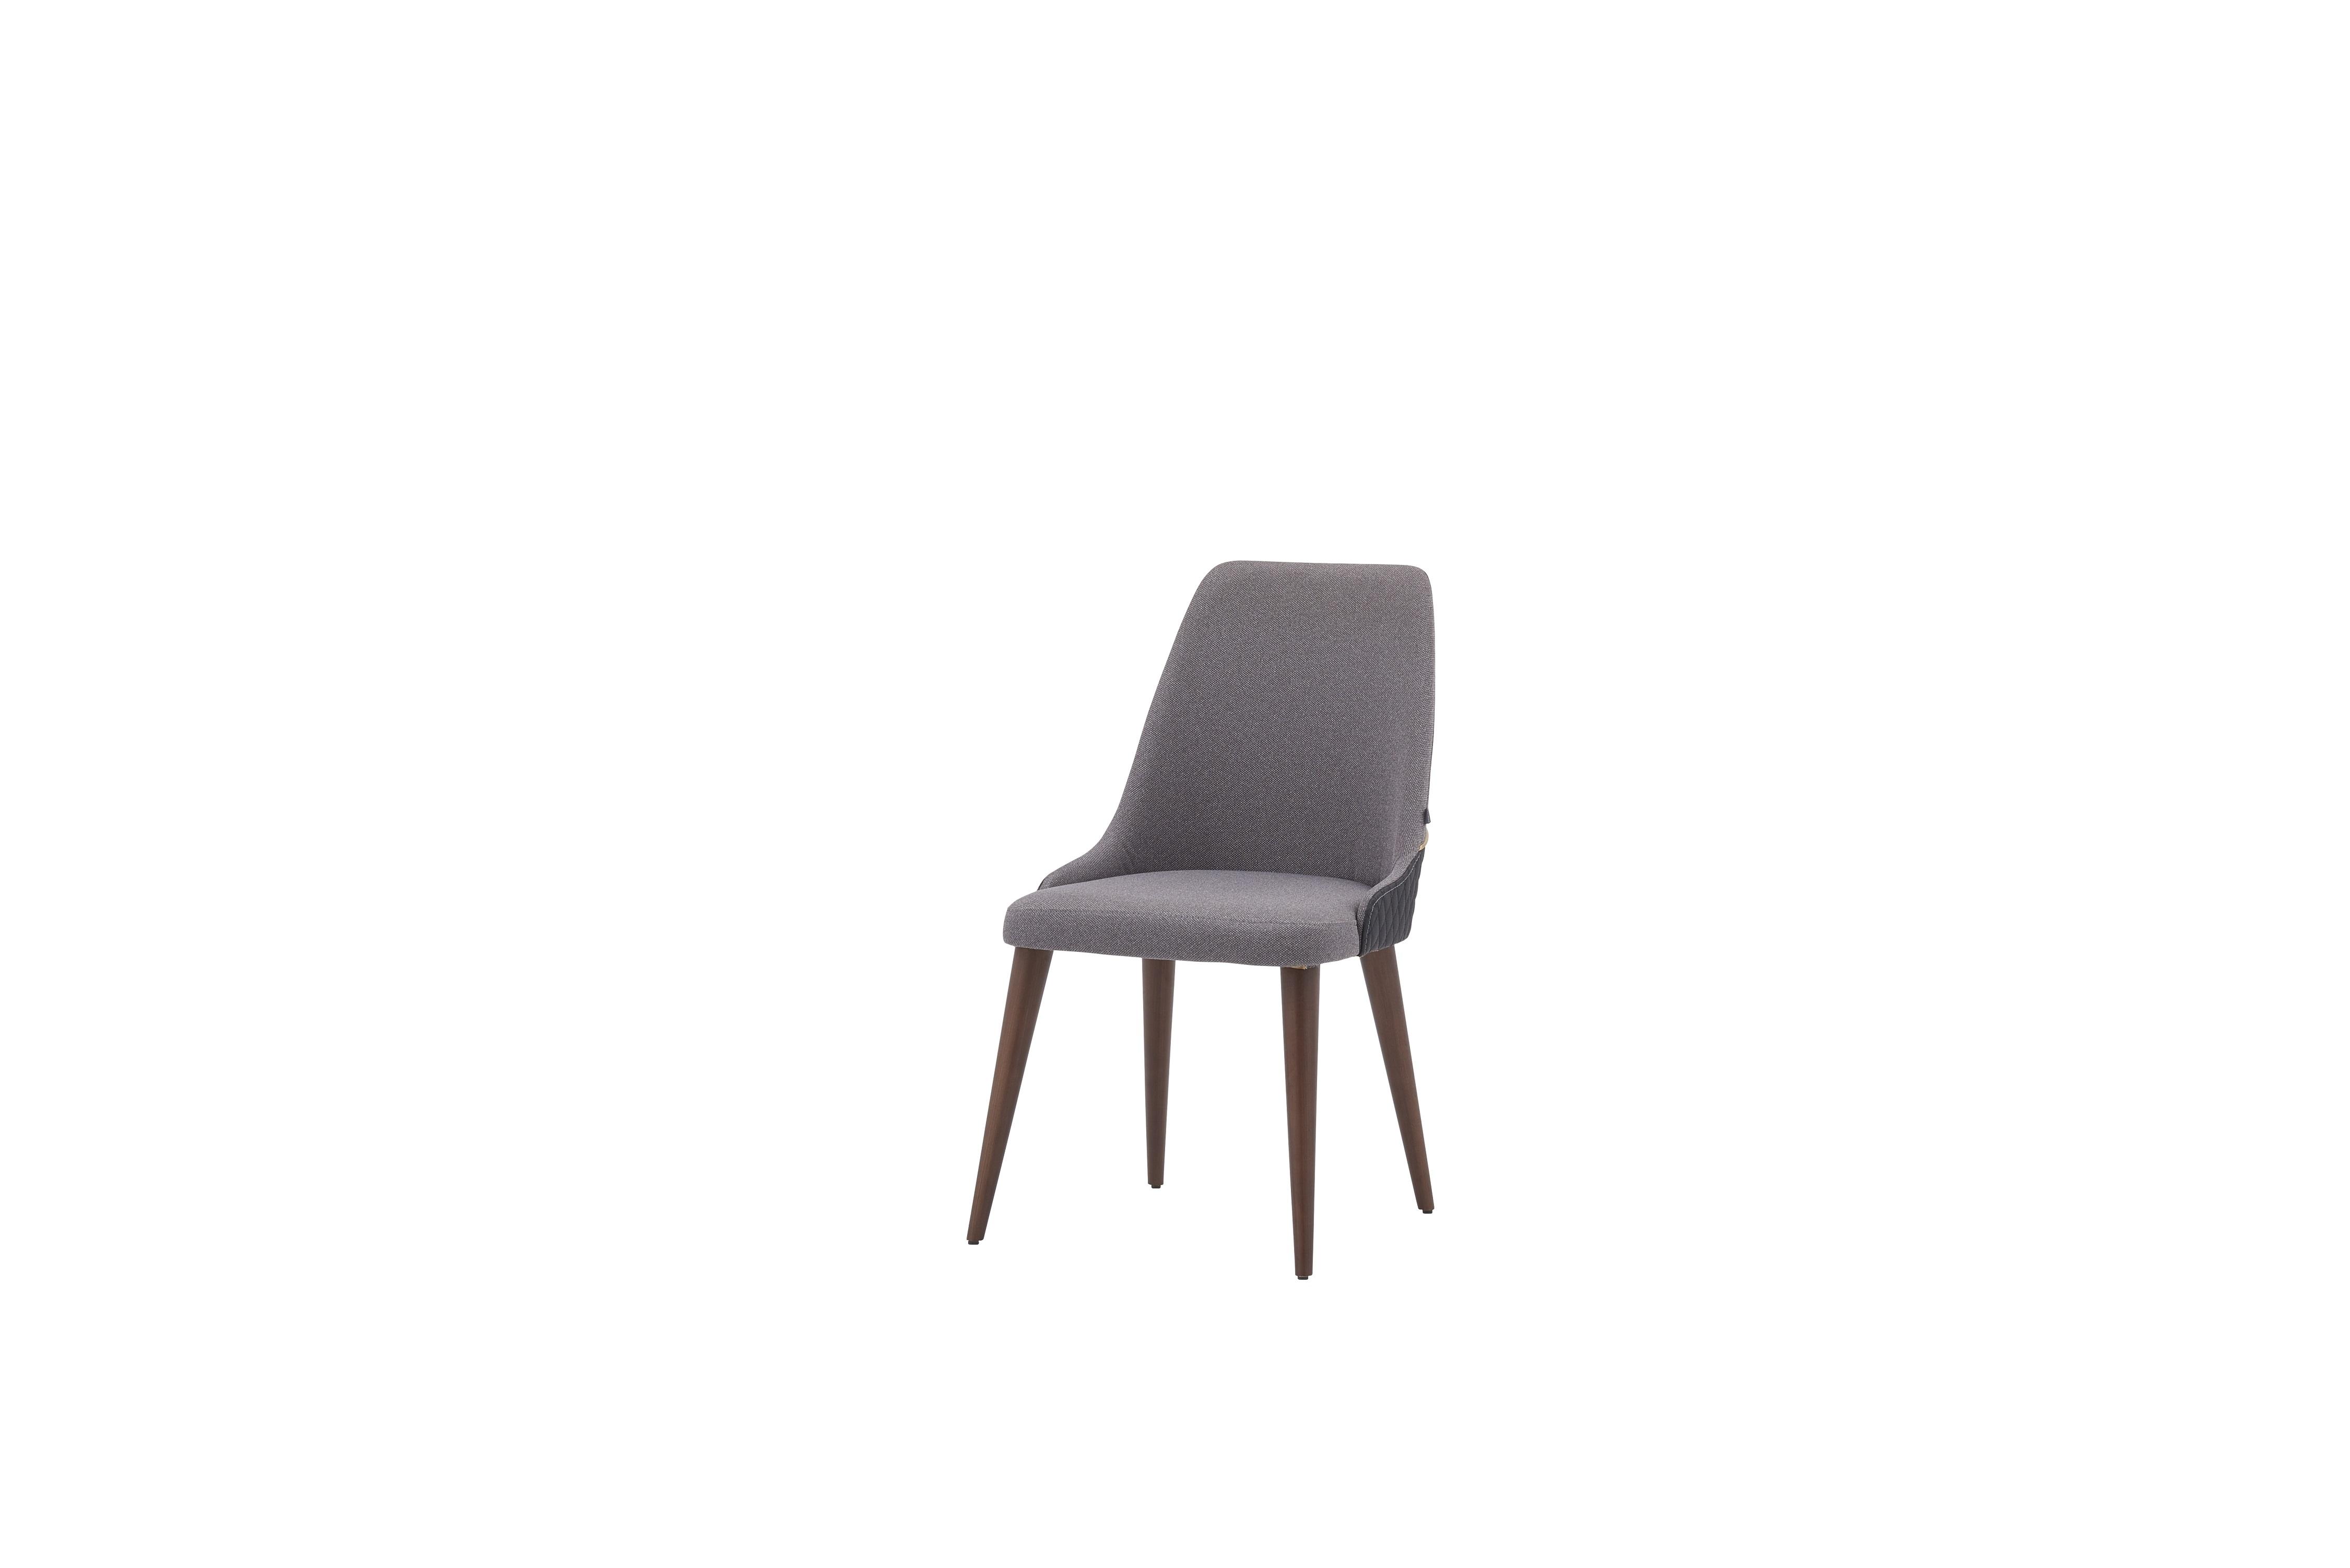 Scaun tapitat cu stofa si picioare din lemn Diamond Gri, l51xA50xH93,5 cm